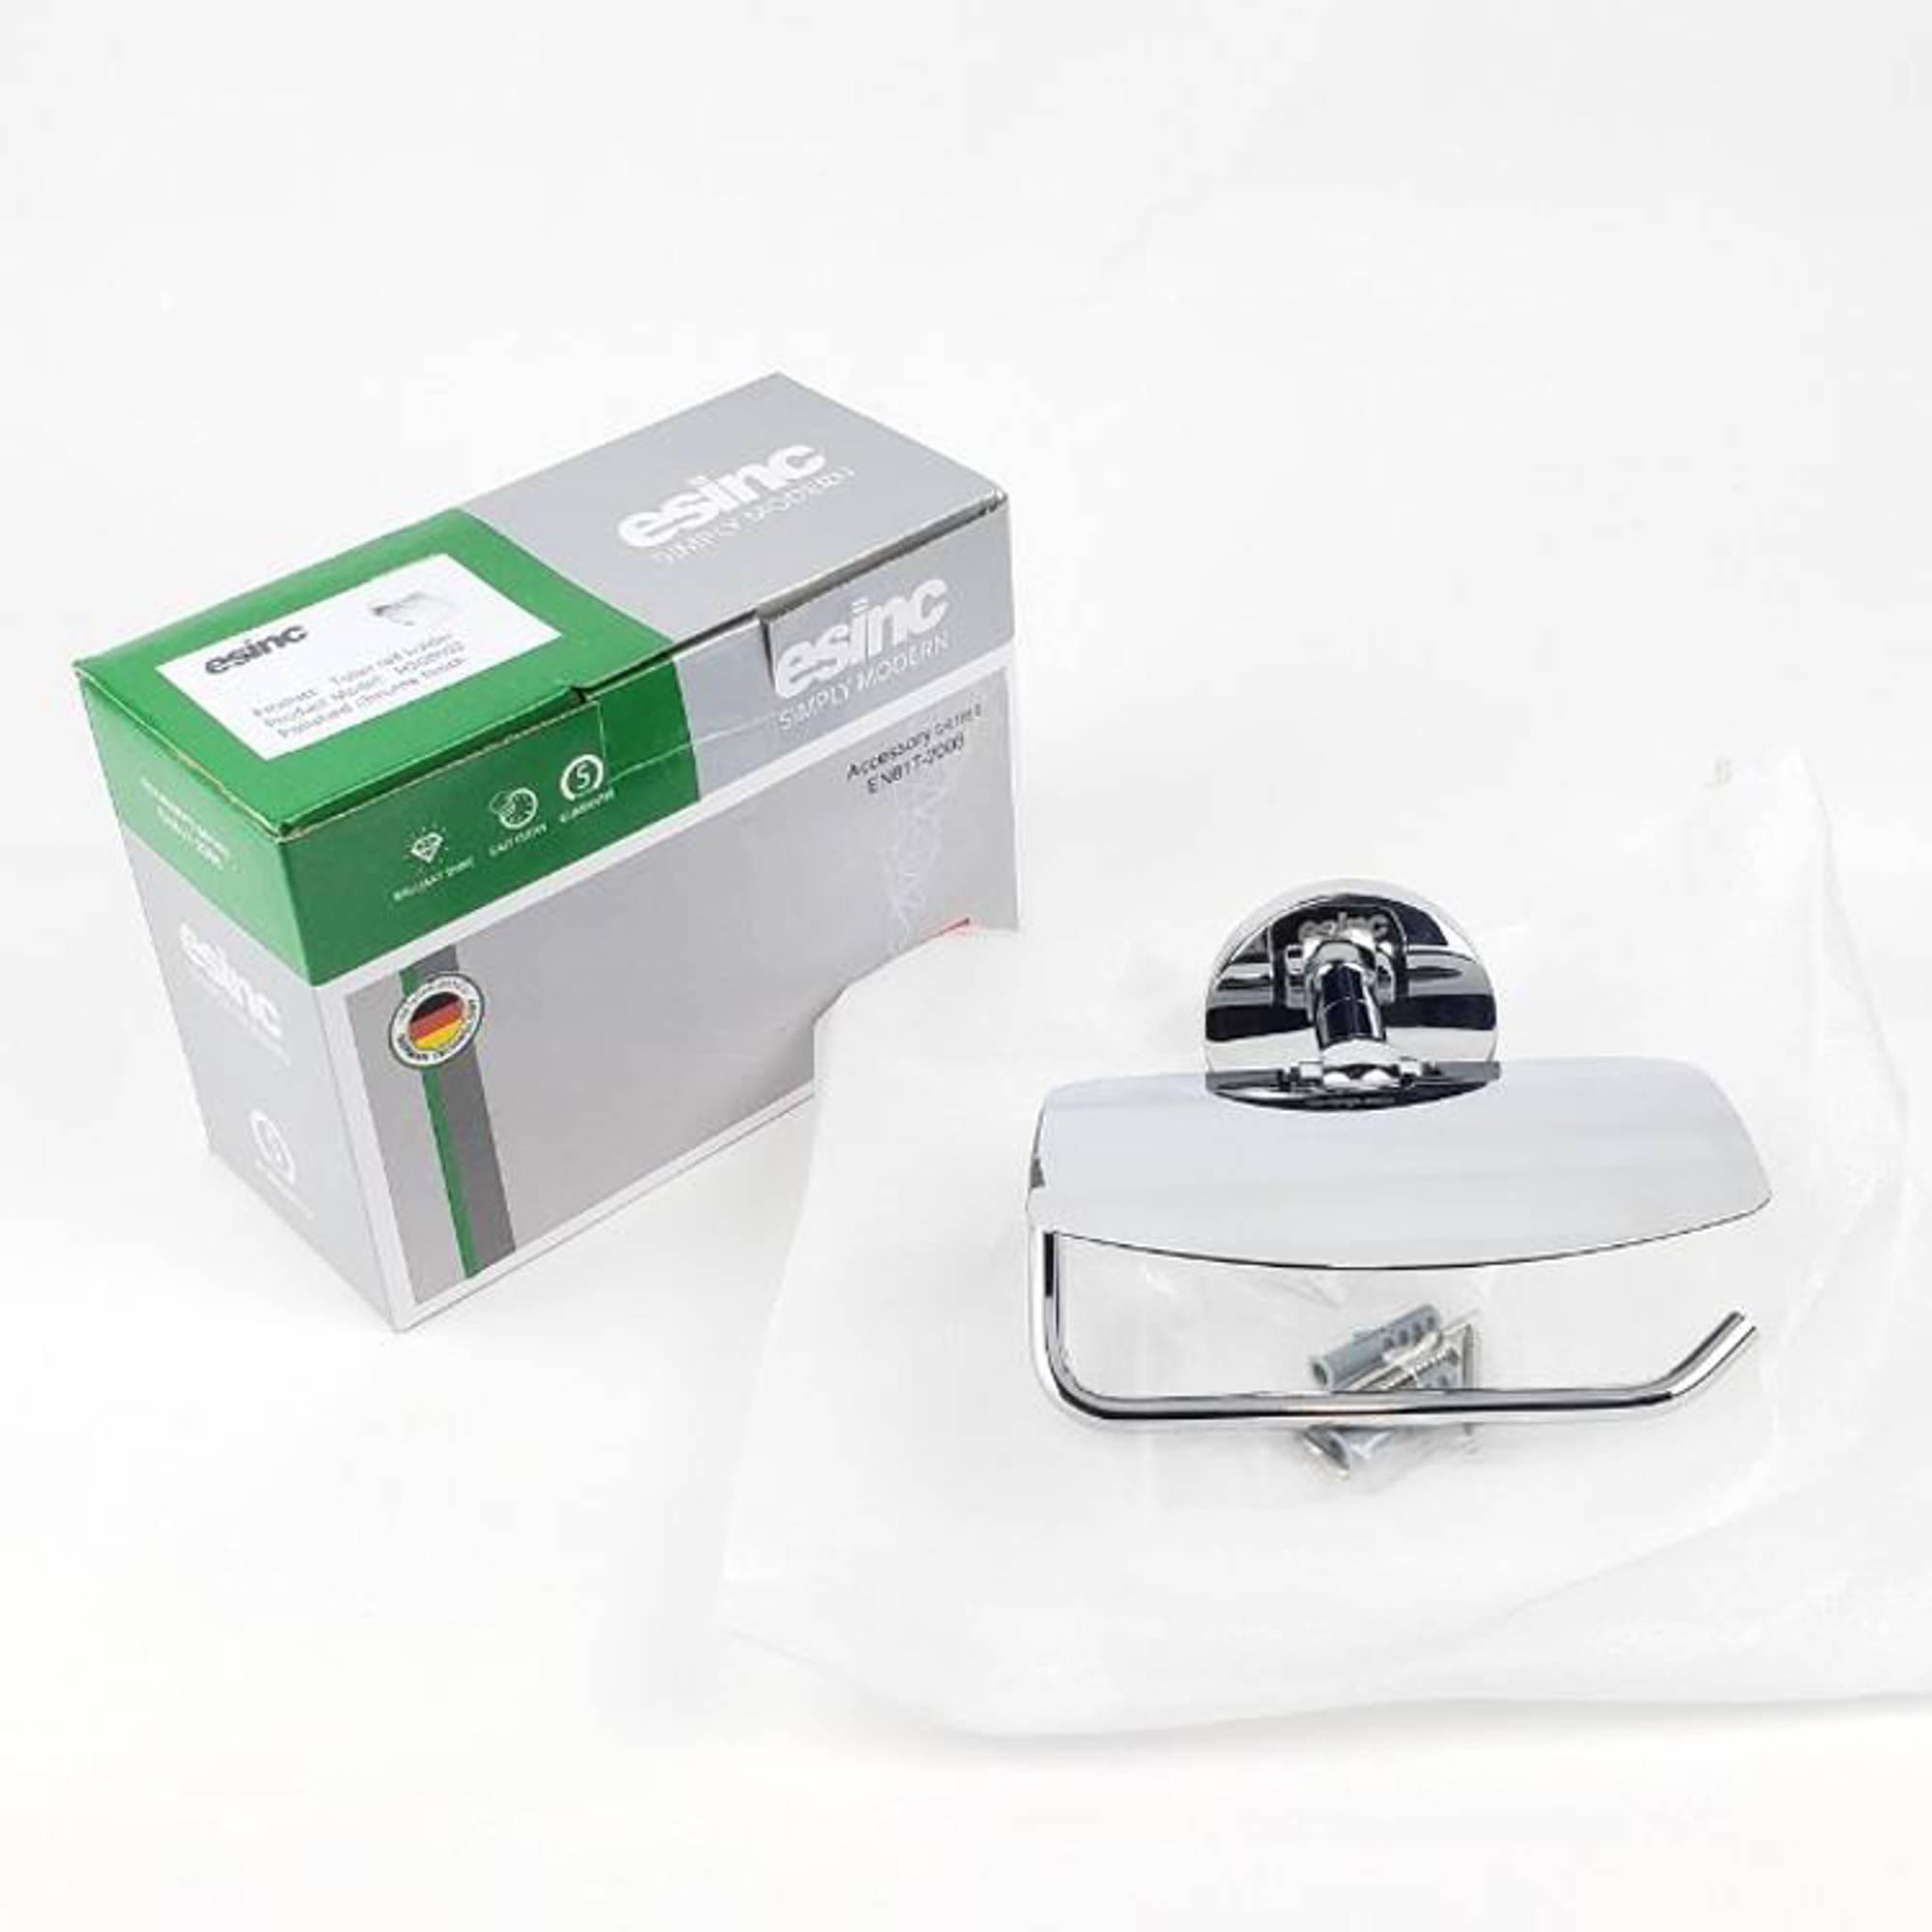 Lô giấy ESINC H3G0002 - Đồng mạ Cr/Ni